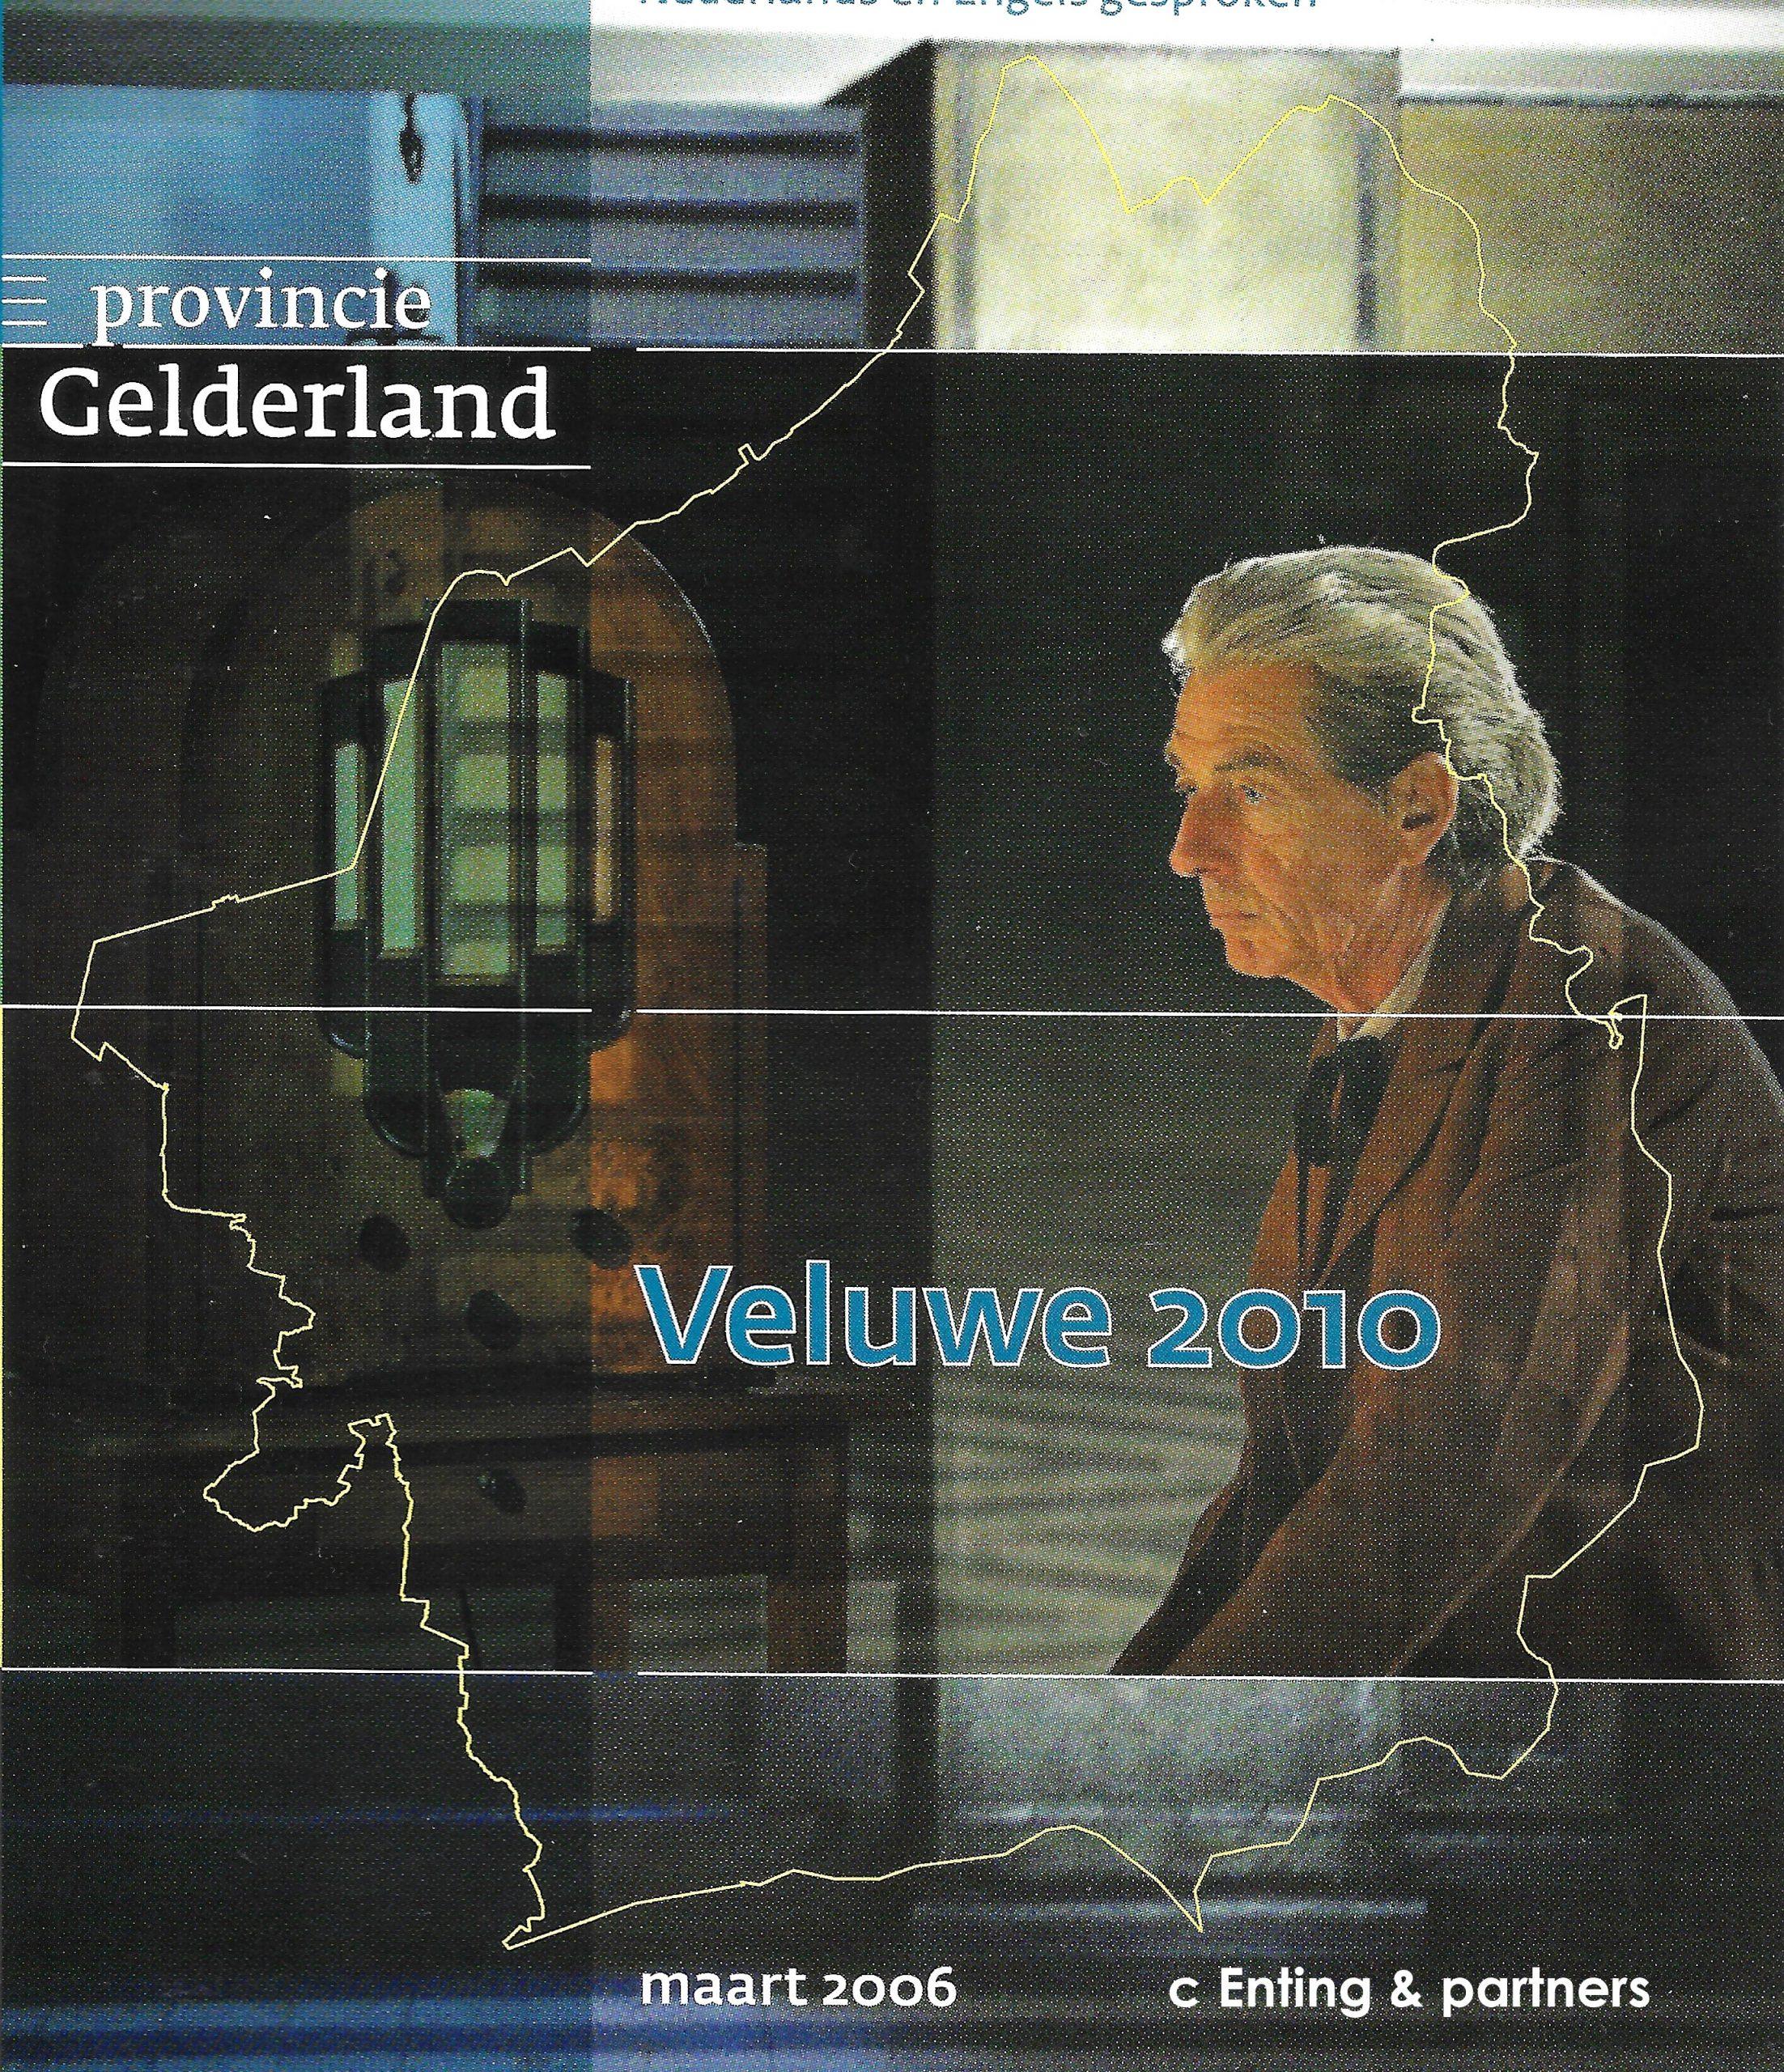 U ziet hierboven de voorzijde van de in 2003 door Luc Enting geproduceerde DVD . Deze is gemaakt vanwege het project Veluwe 2010 en duurt 16 minuten. U kunt deze DVD bekijken door op de afbeelding te klikken.